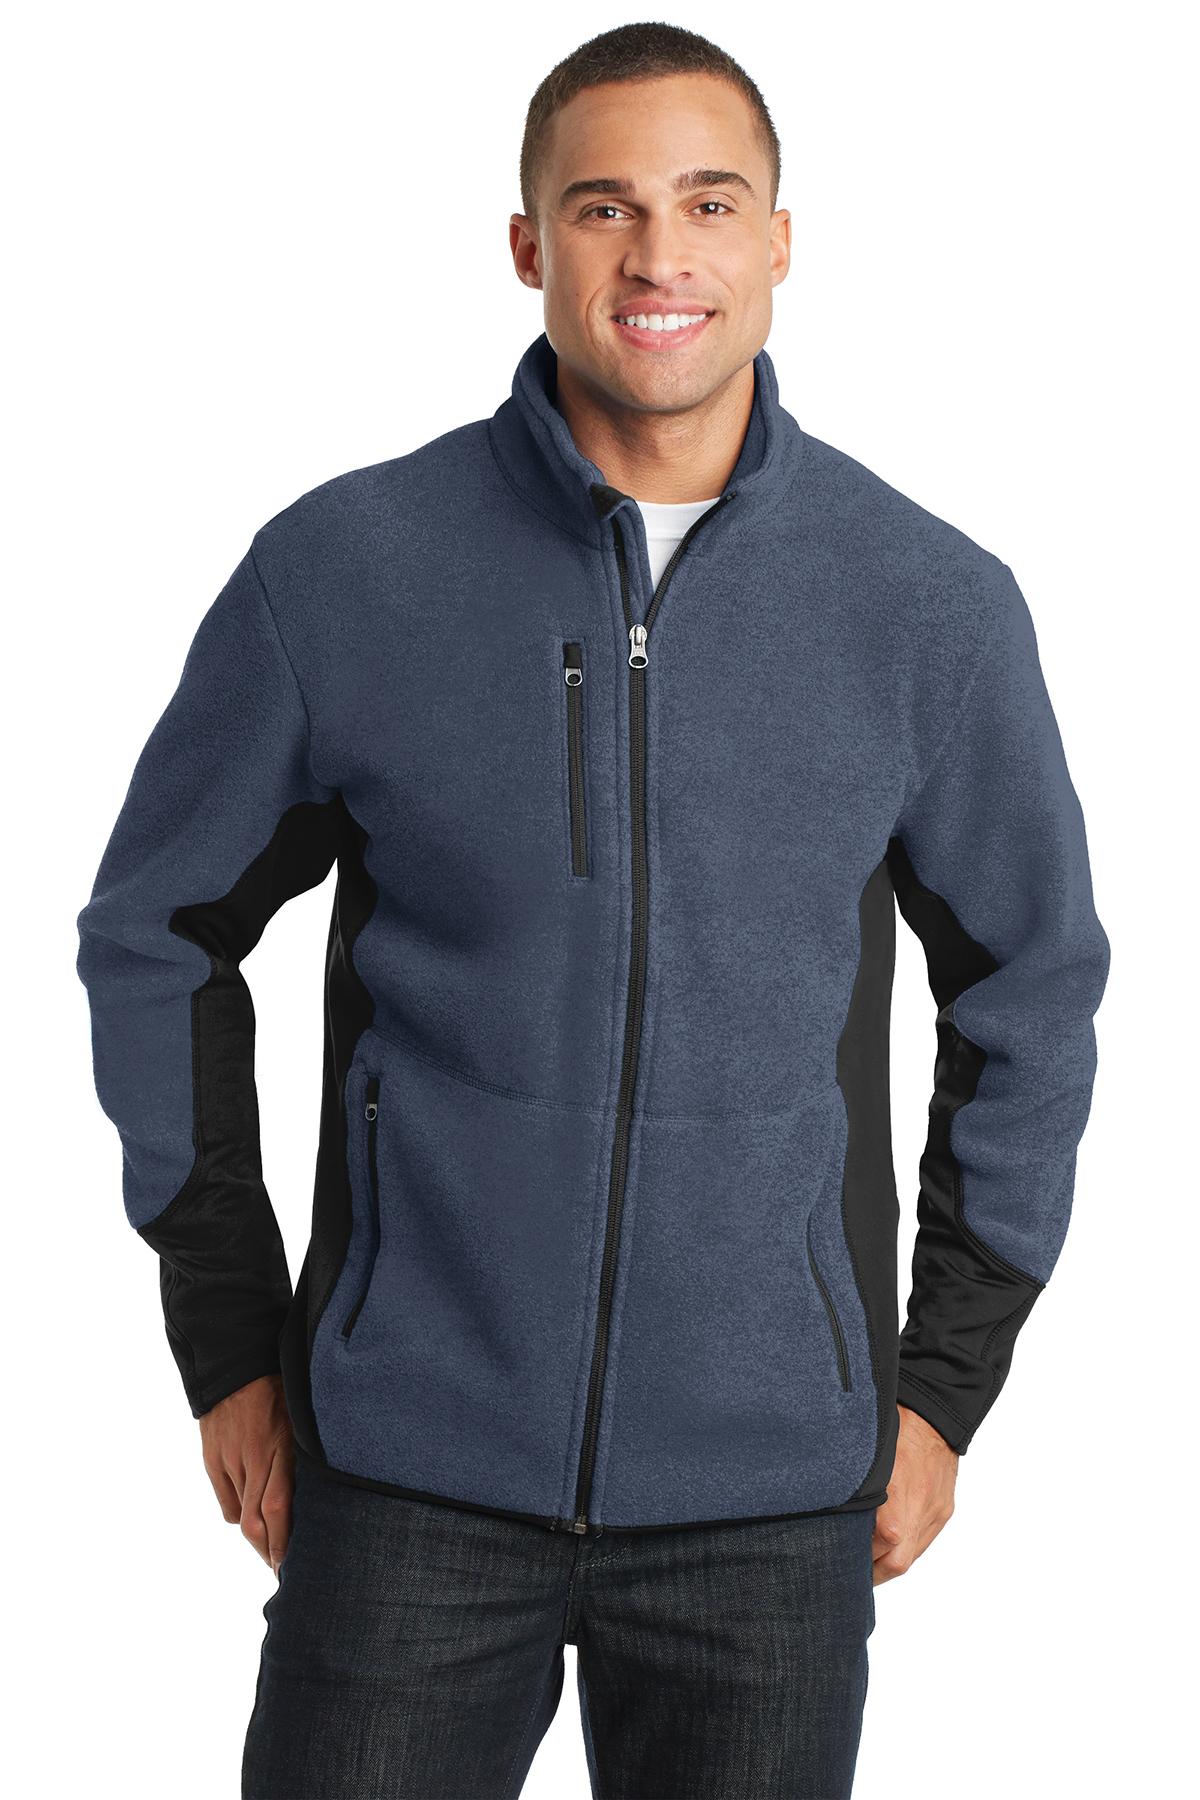 Port Authority RTek Pro Fleece Full-Zip Jacket